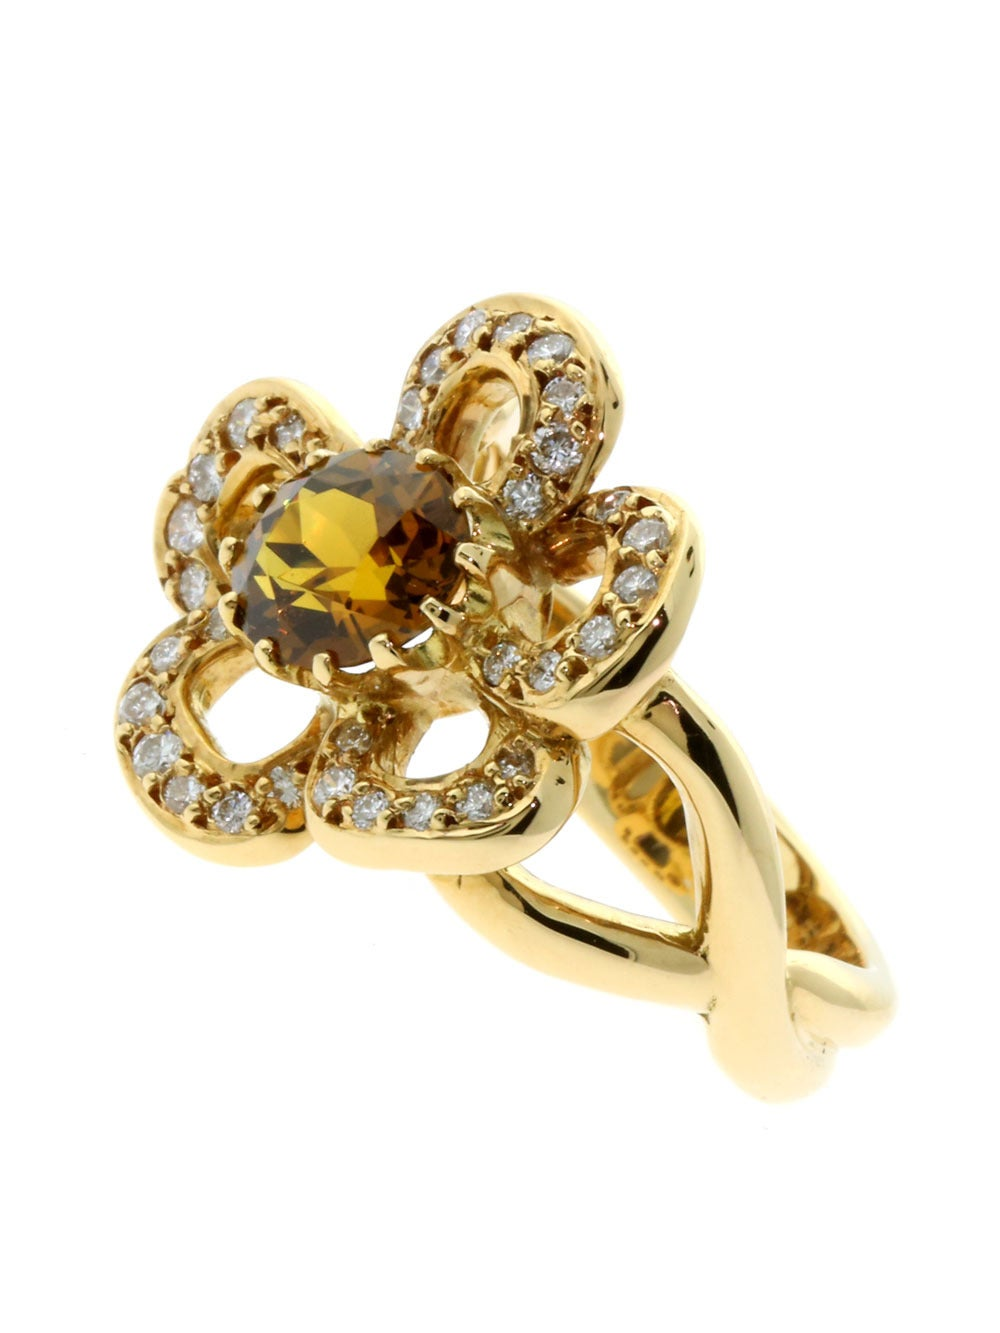 Hermes Diamond Gold Flower Ring For Sale at 1stdibs